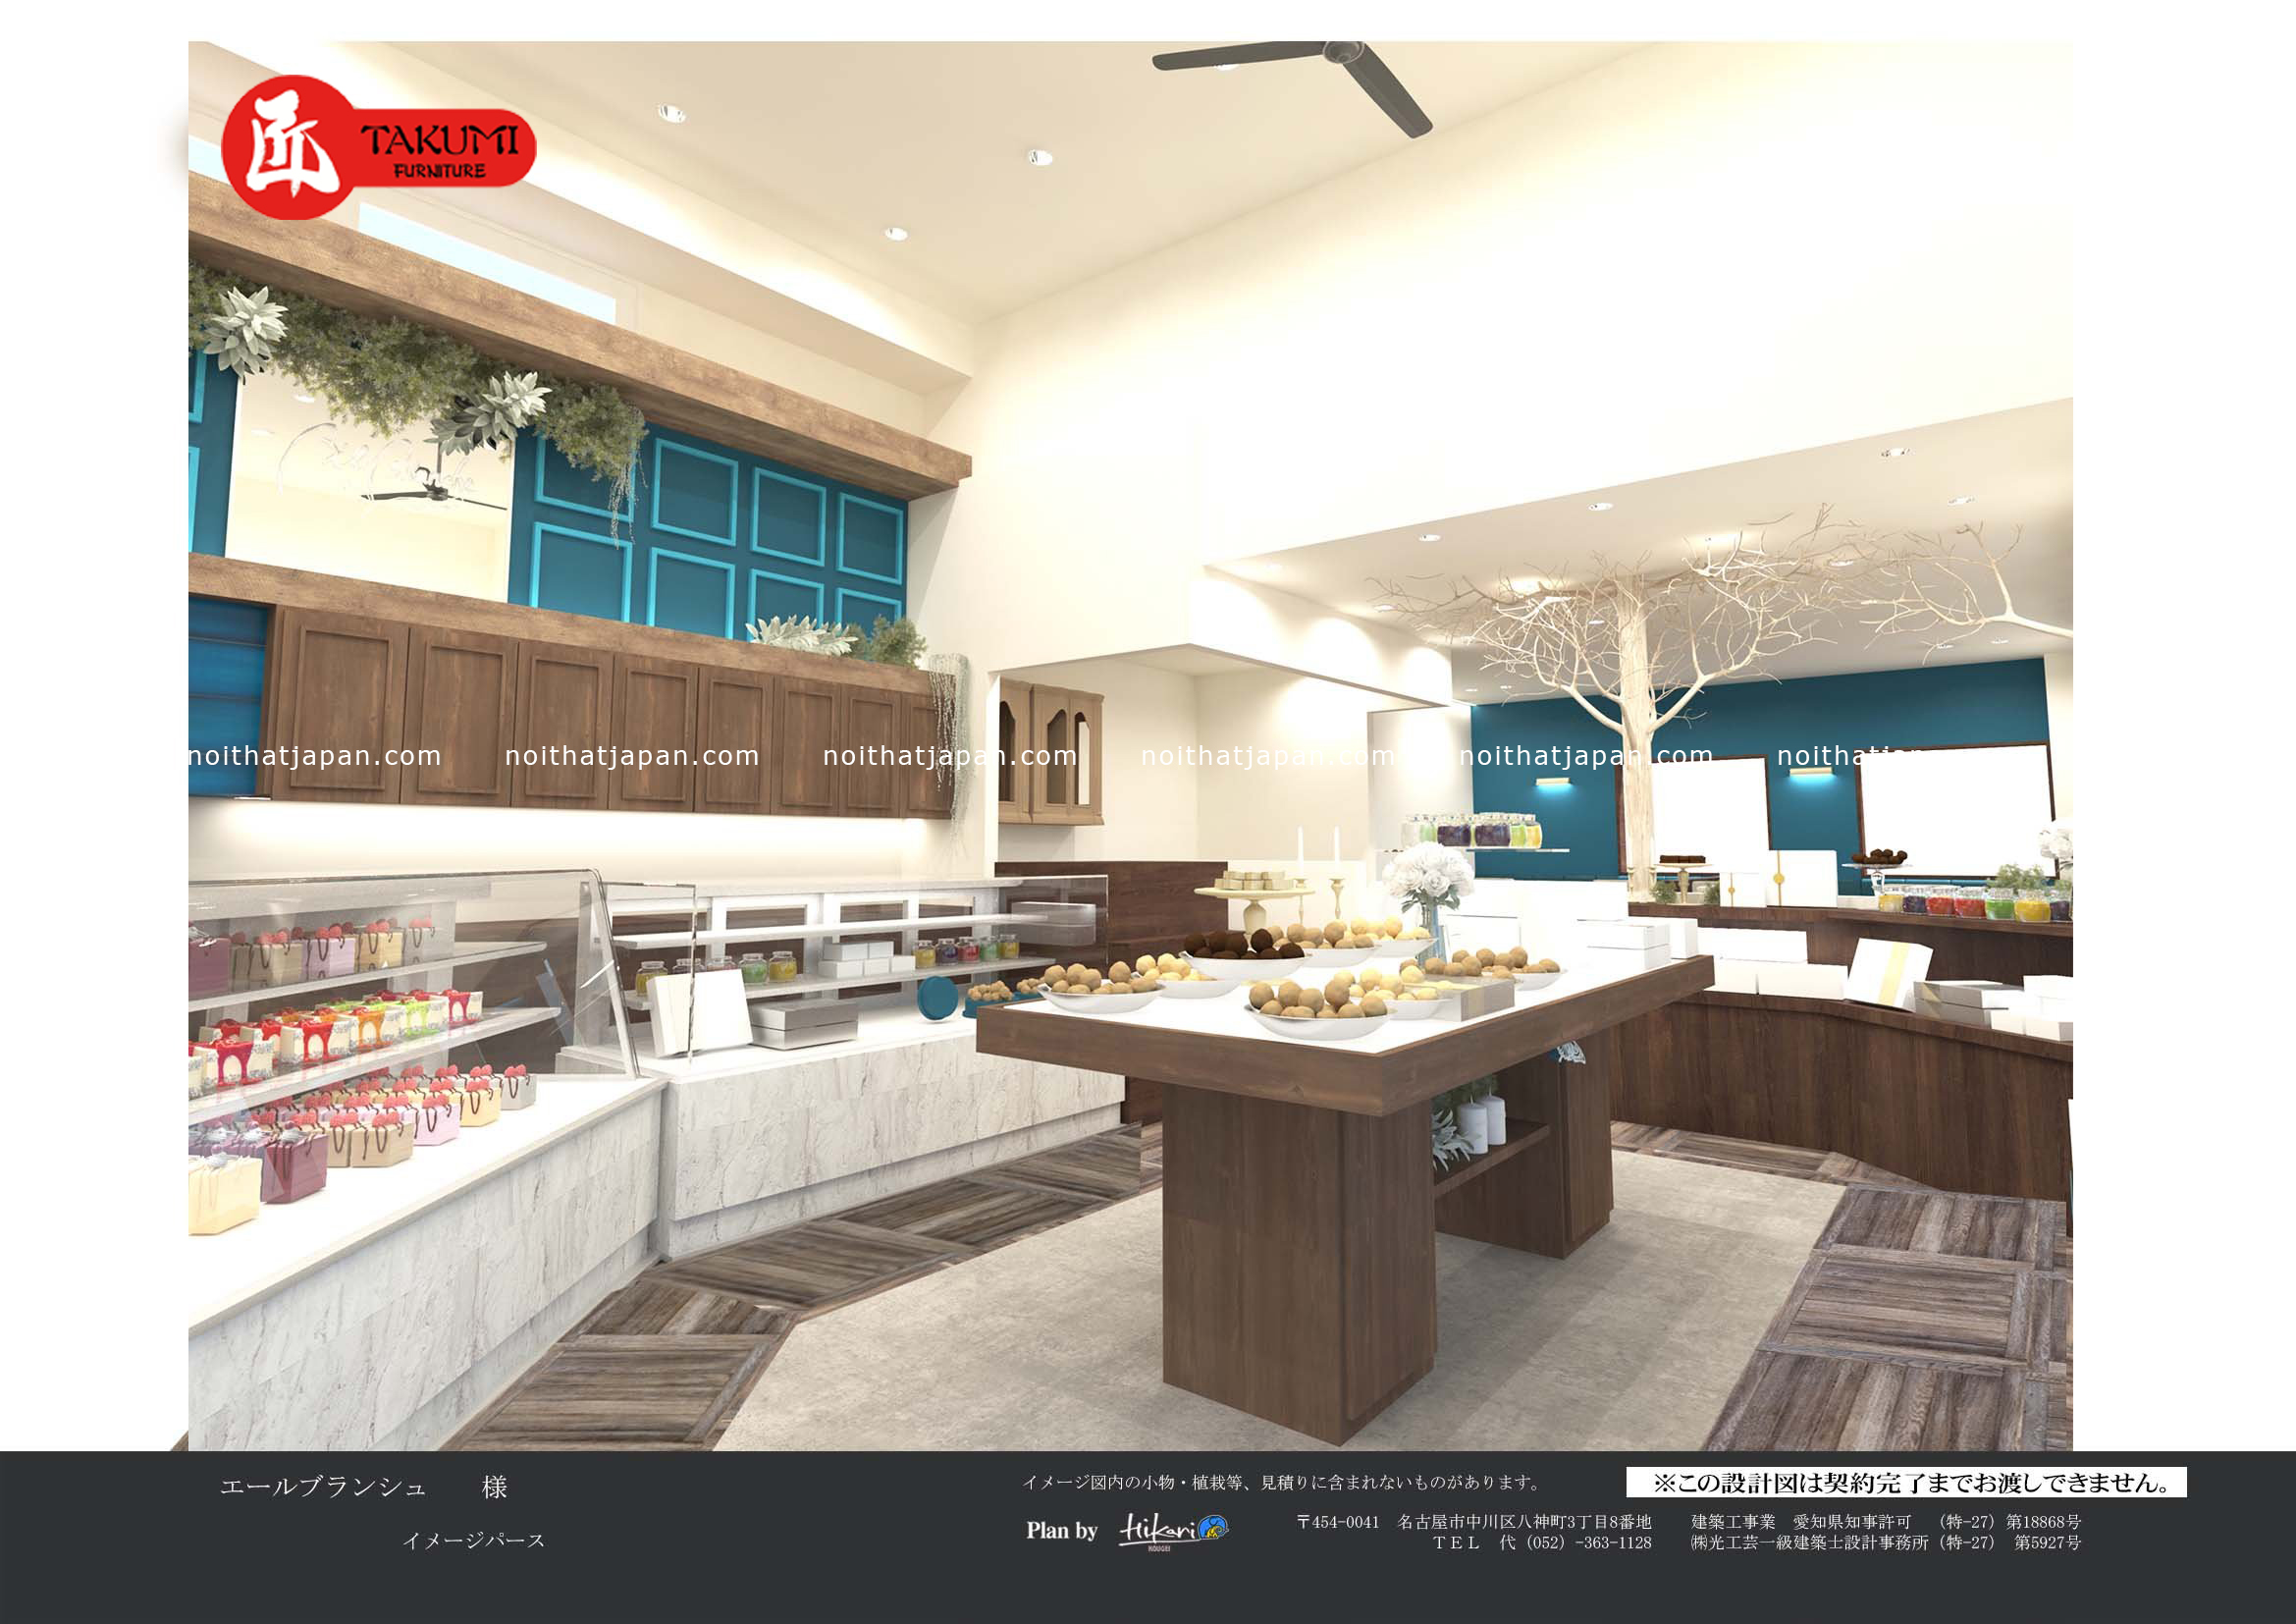 Mô hình nhà hàng quầy bánh